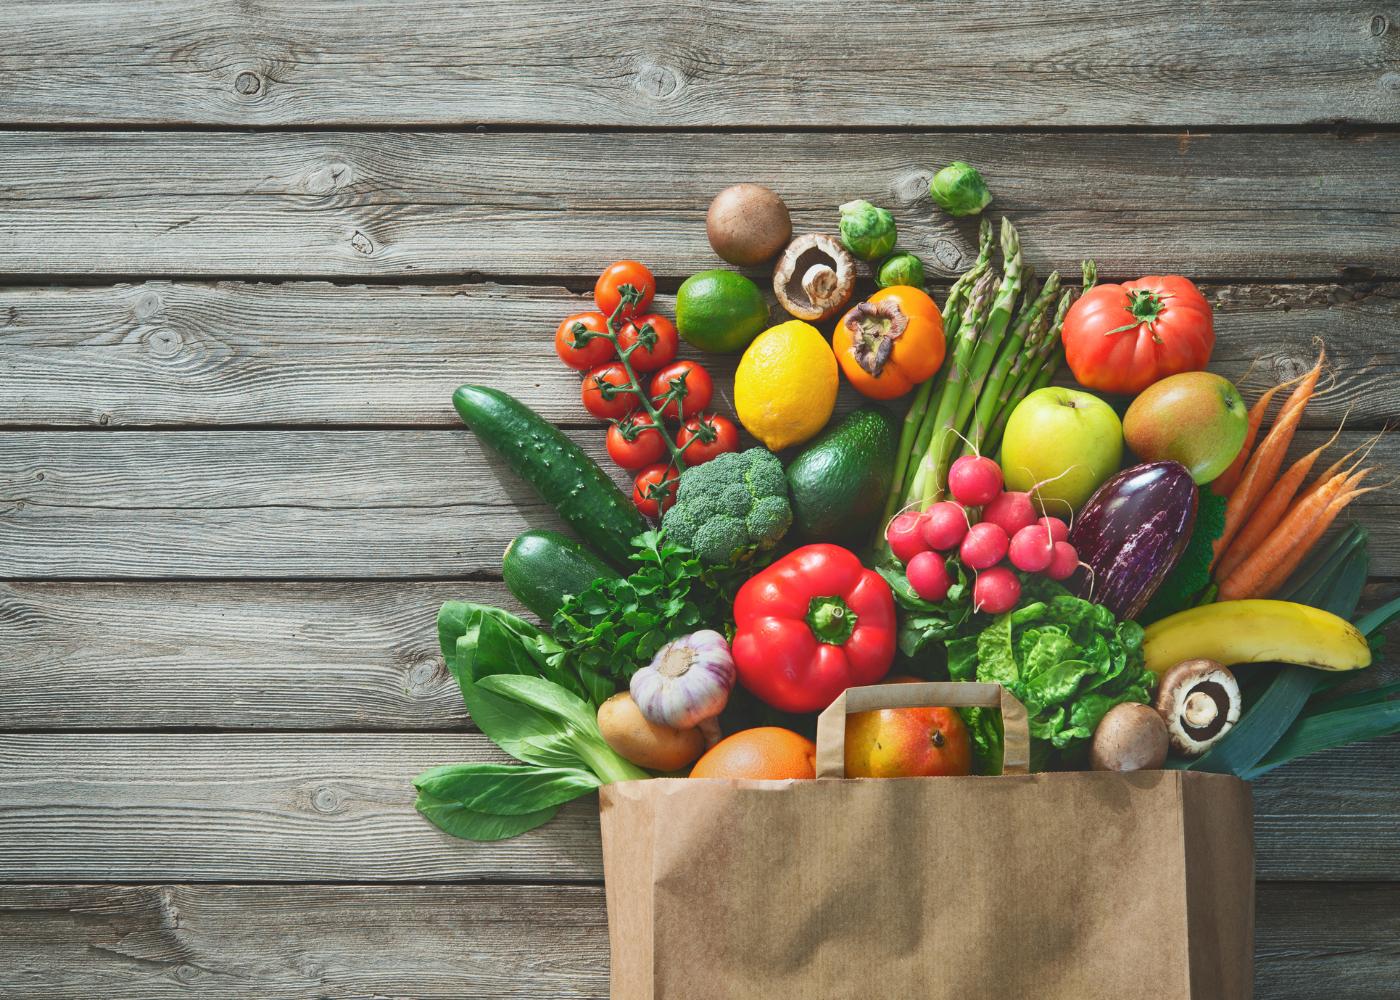 saco de papel com alimentos saudáveis